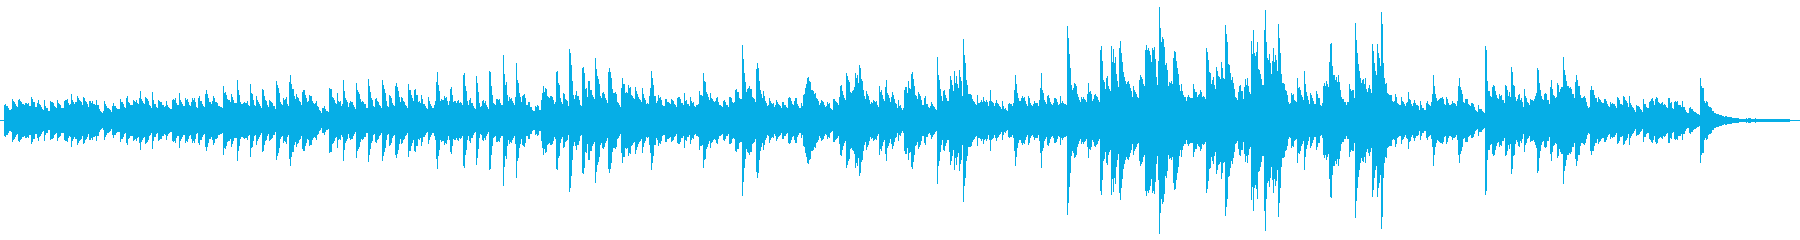 ピアノソロ 切ない 儚い 神秘 幻想の再生済みの波形